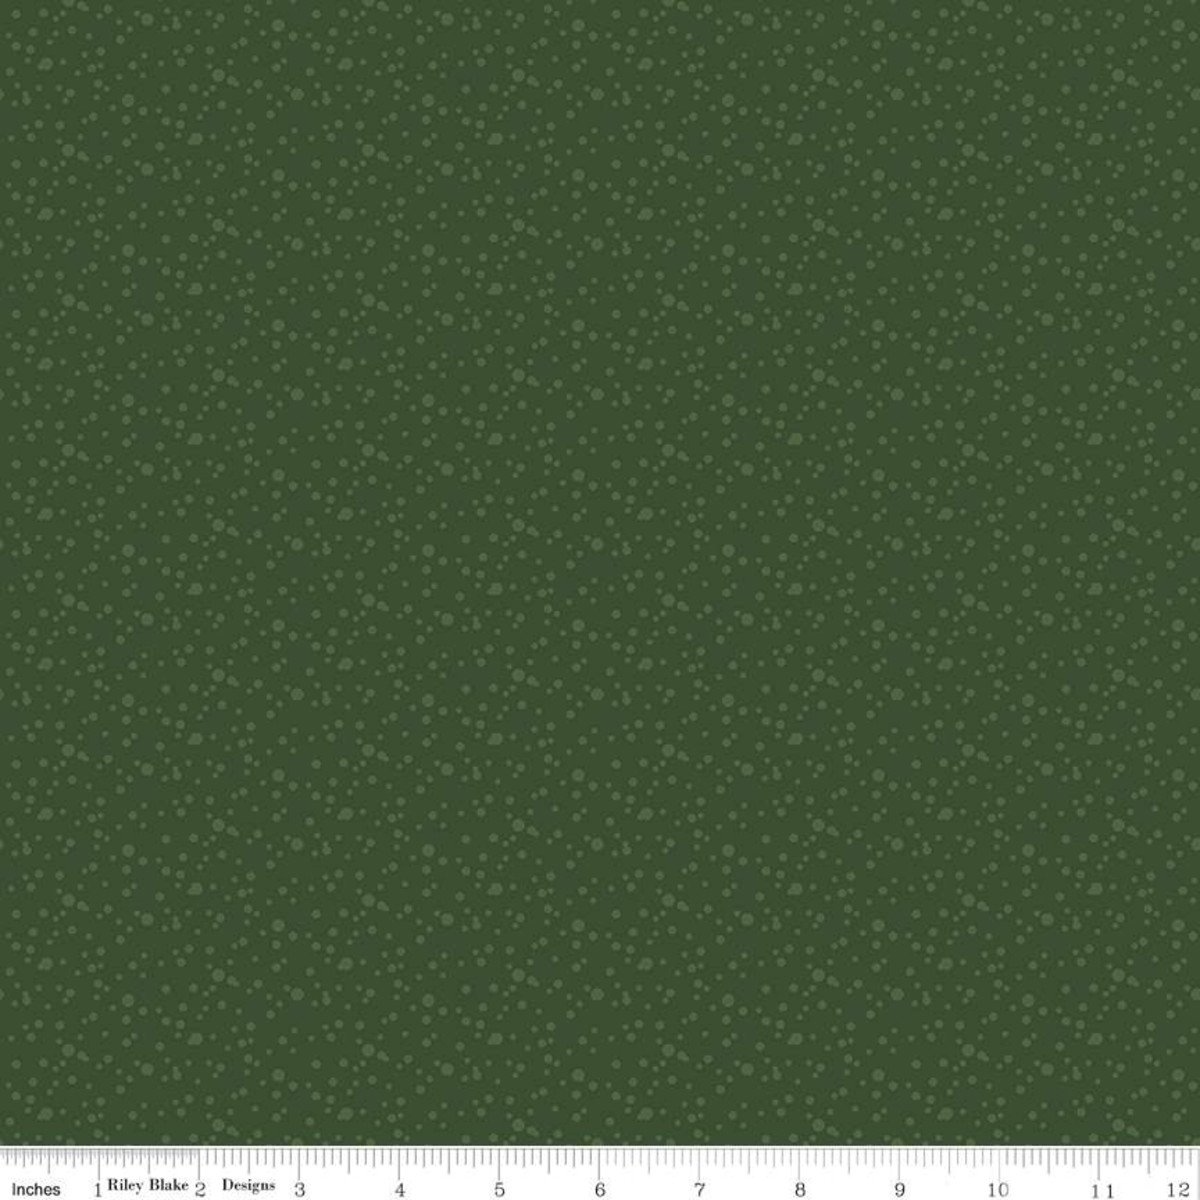 At The Lake - Hunter Green Dots - By Tara Reed For Riley Blake Fabrics